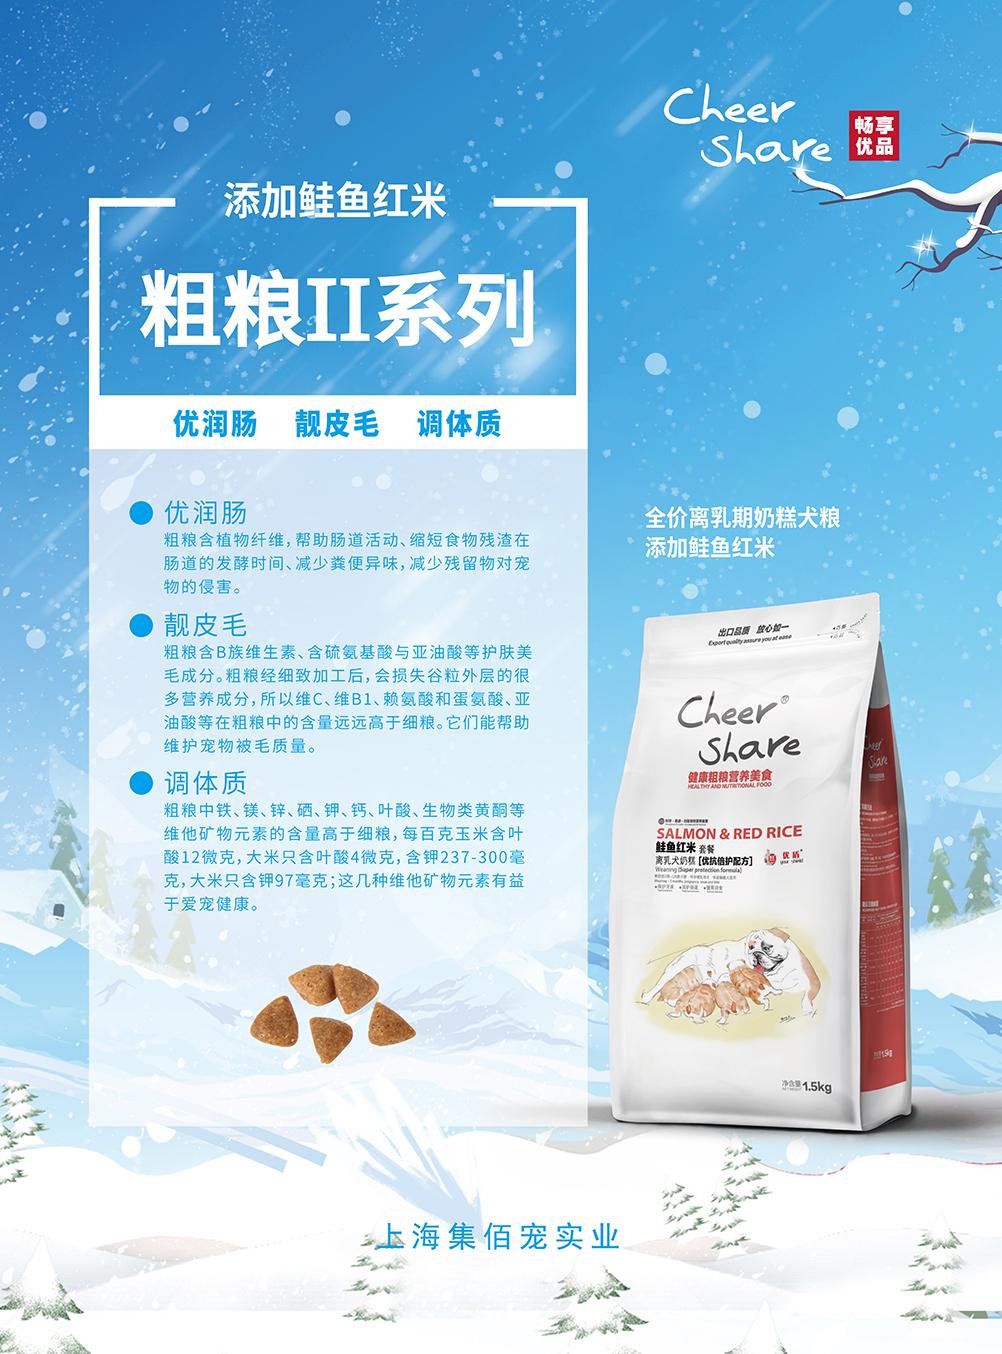 离乳期奶糕犬粮添加鲑鱼红米广告招贴